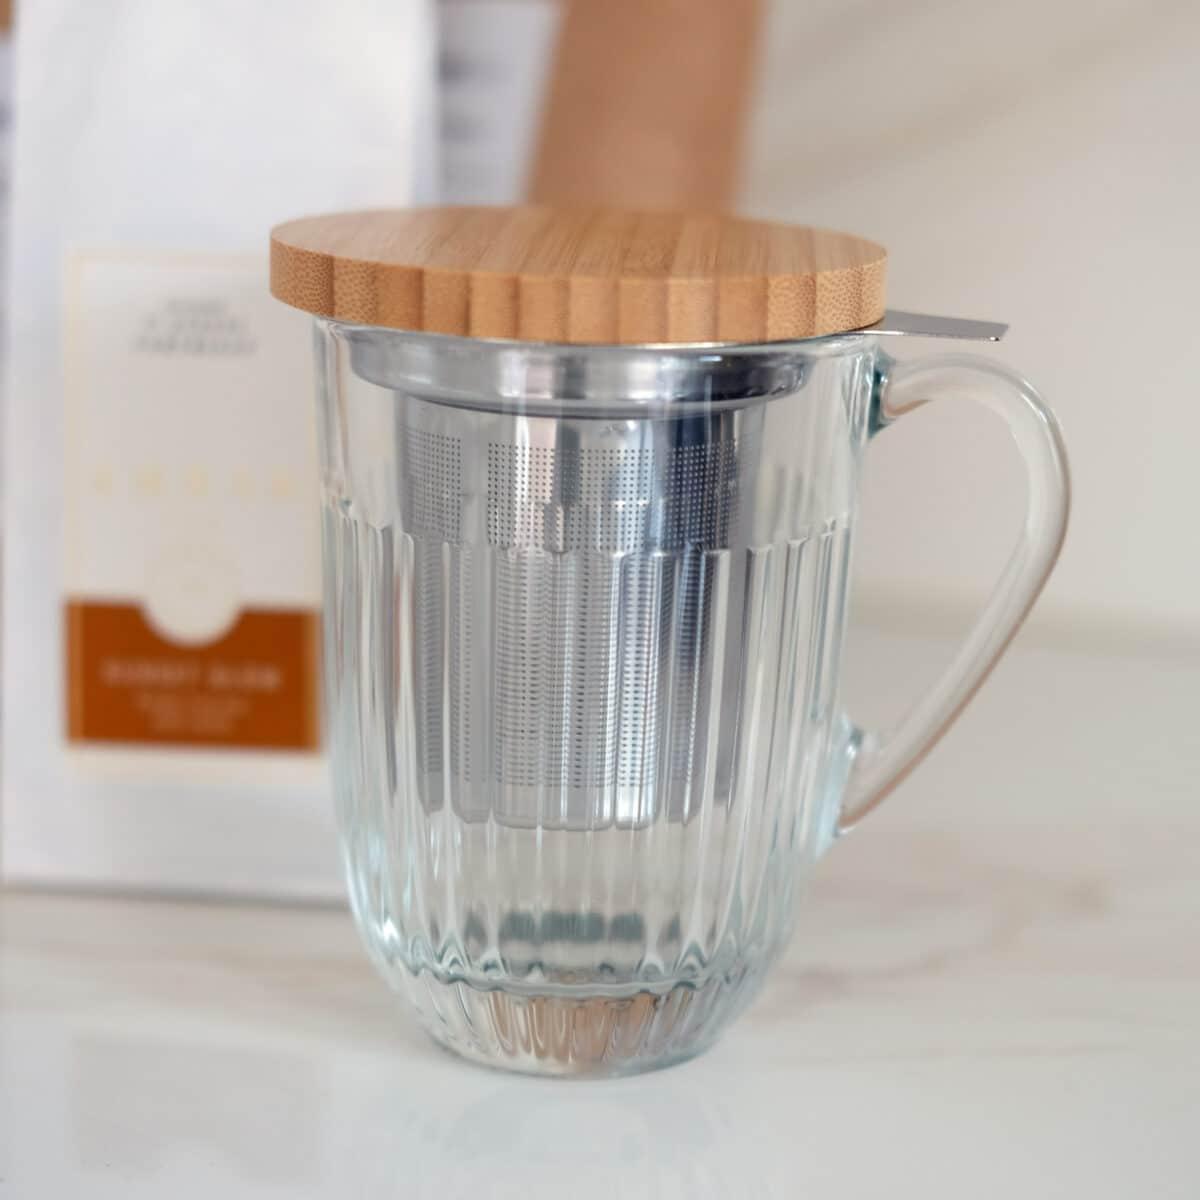 Glazen theekop met RVS filter 360ml